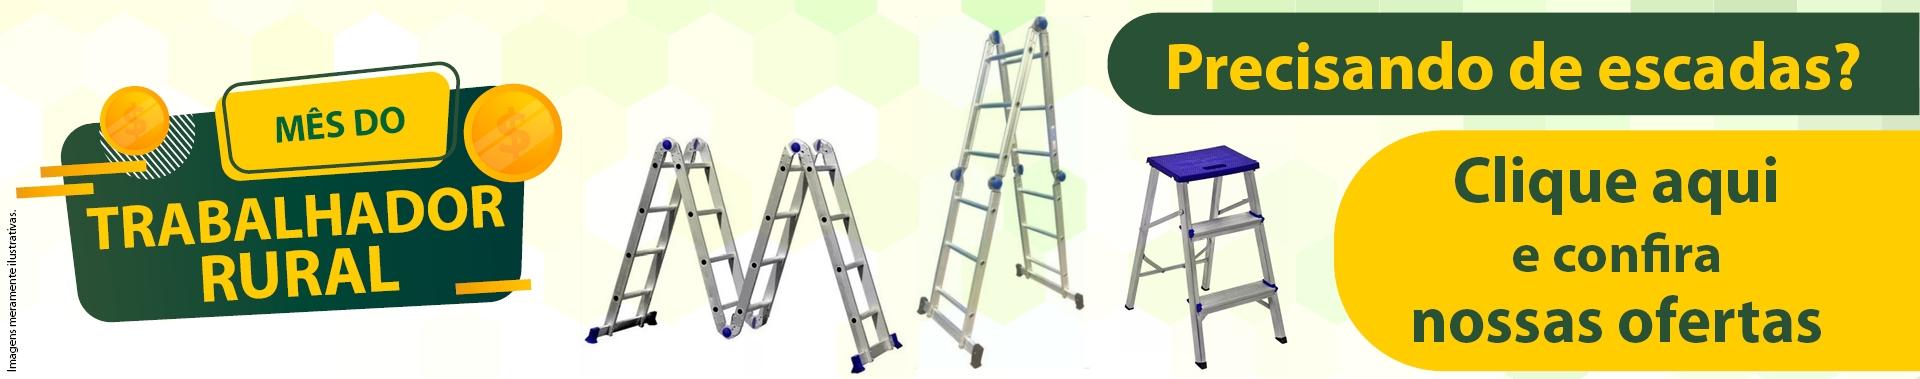 Mês do Trabalhador Rural: Precisando de escadas? Clique aqui e confira nossas ofertas